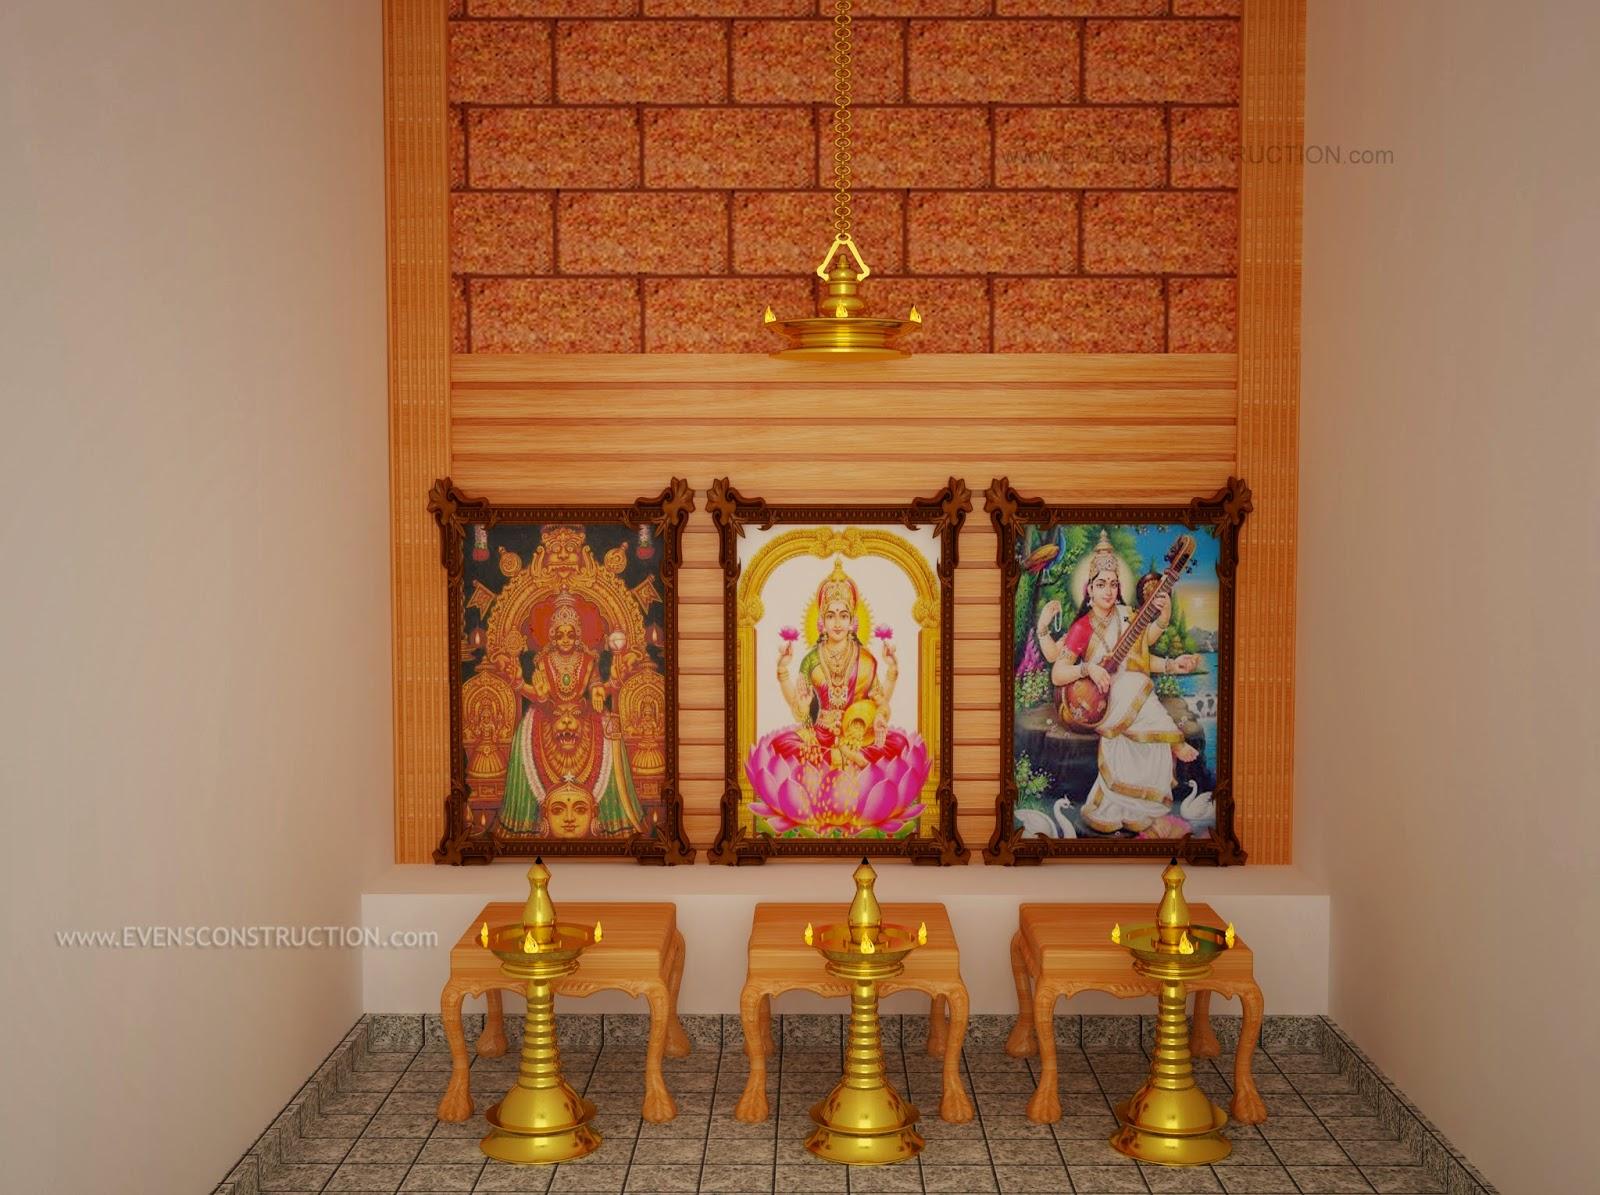 Pooja room interior